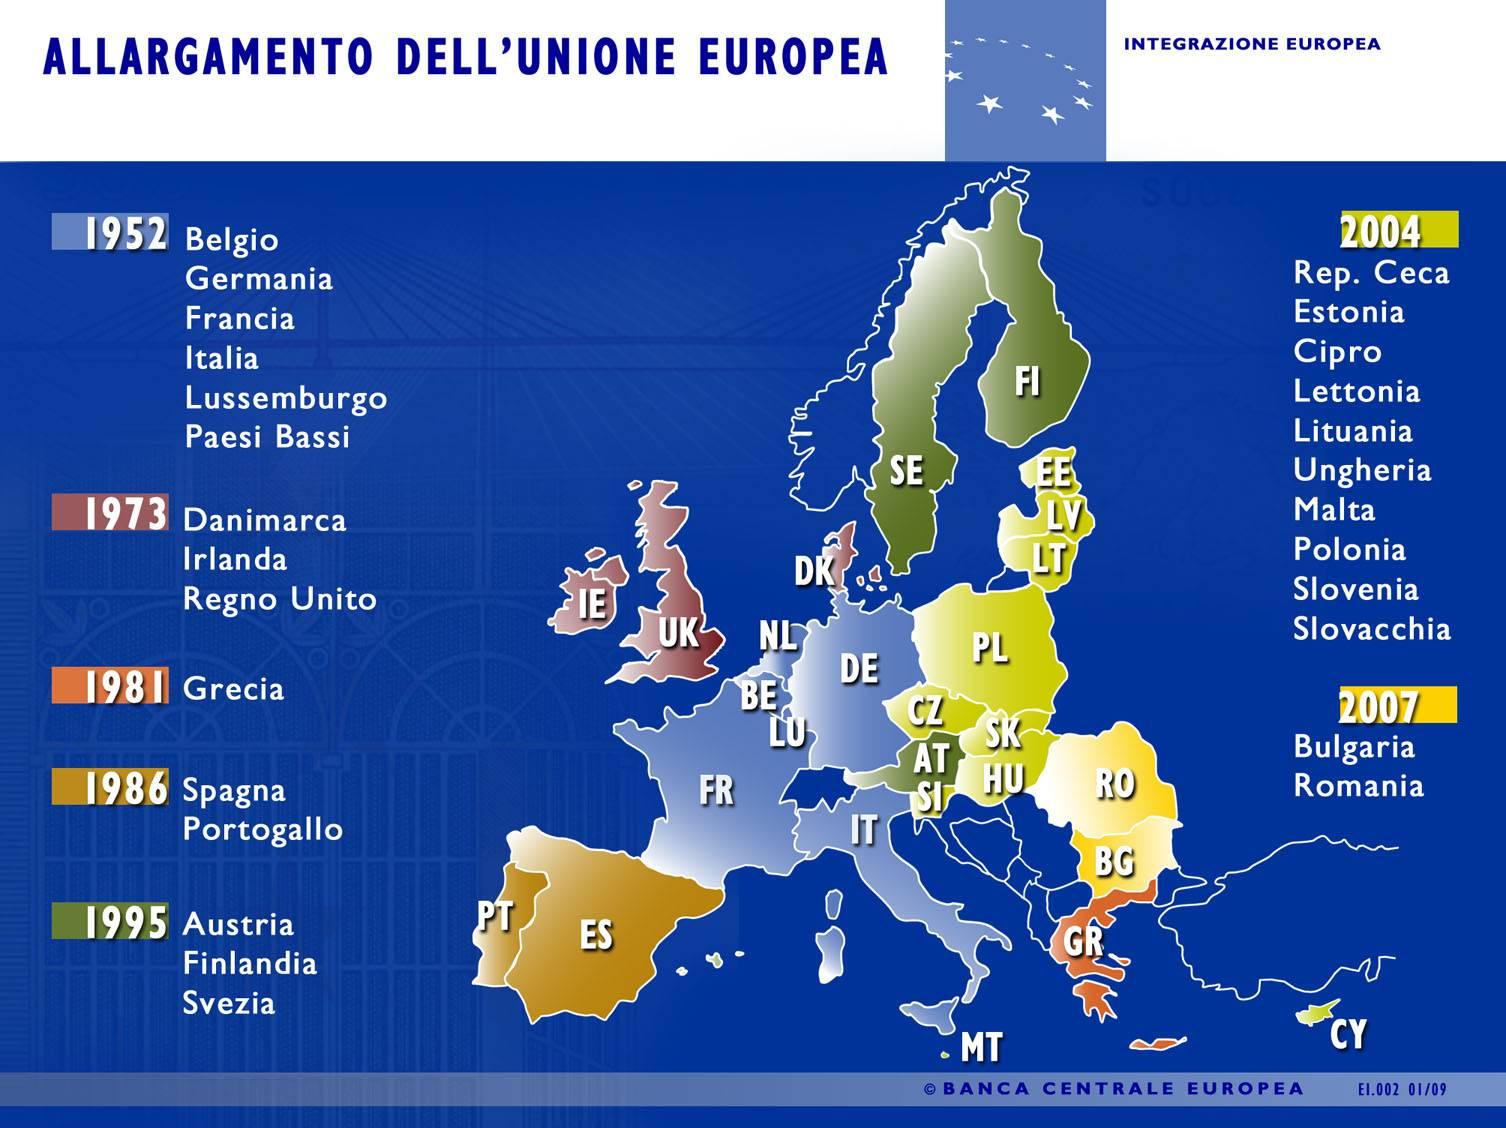 Il Progetto dell'Unione Europea: linee di sviluppo